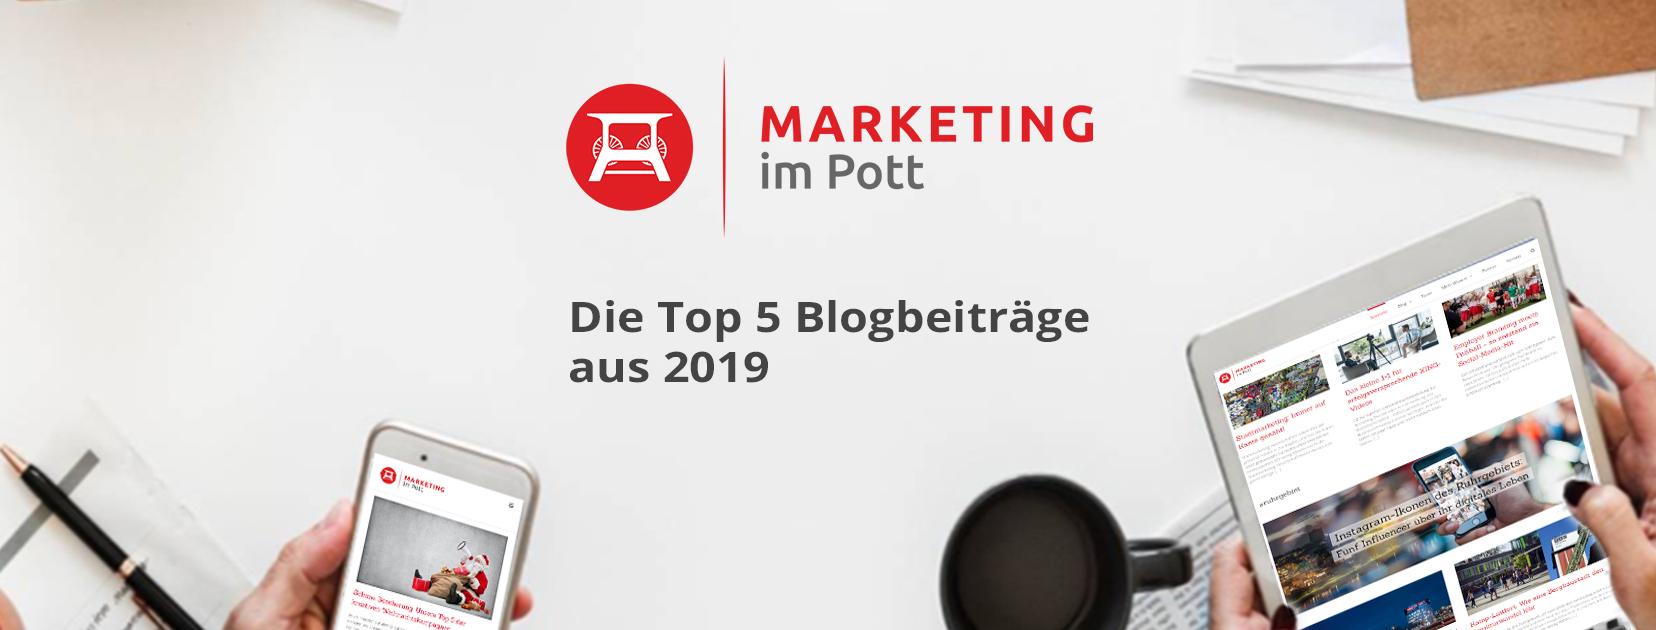 Zum Jahresende steht das neue (Geschäfts-)Jahr bereits vor der Türe. Bevor wir in das neue Jahr 2020 starten, haben wir in unserem Jahresrückblick 2019 Ihre meistgelesenen Marketing im Pott-Blogbeiträge aus den vergangenen zwölf Monaten für Sie zusammengestellt.